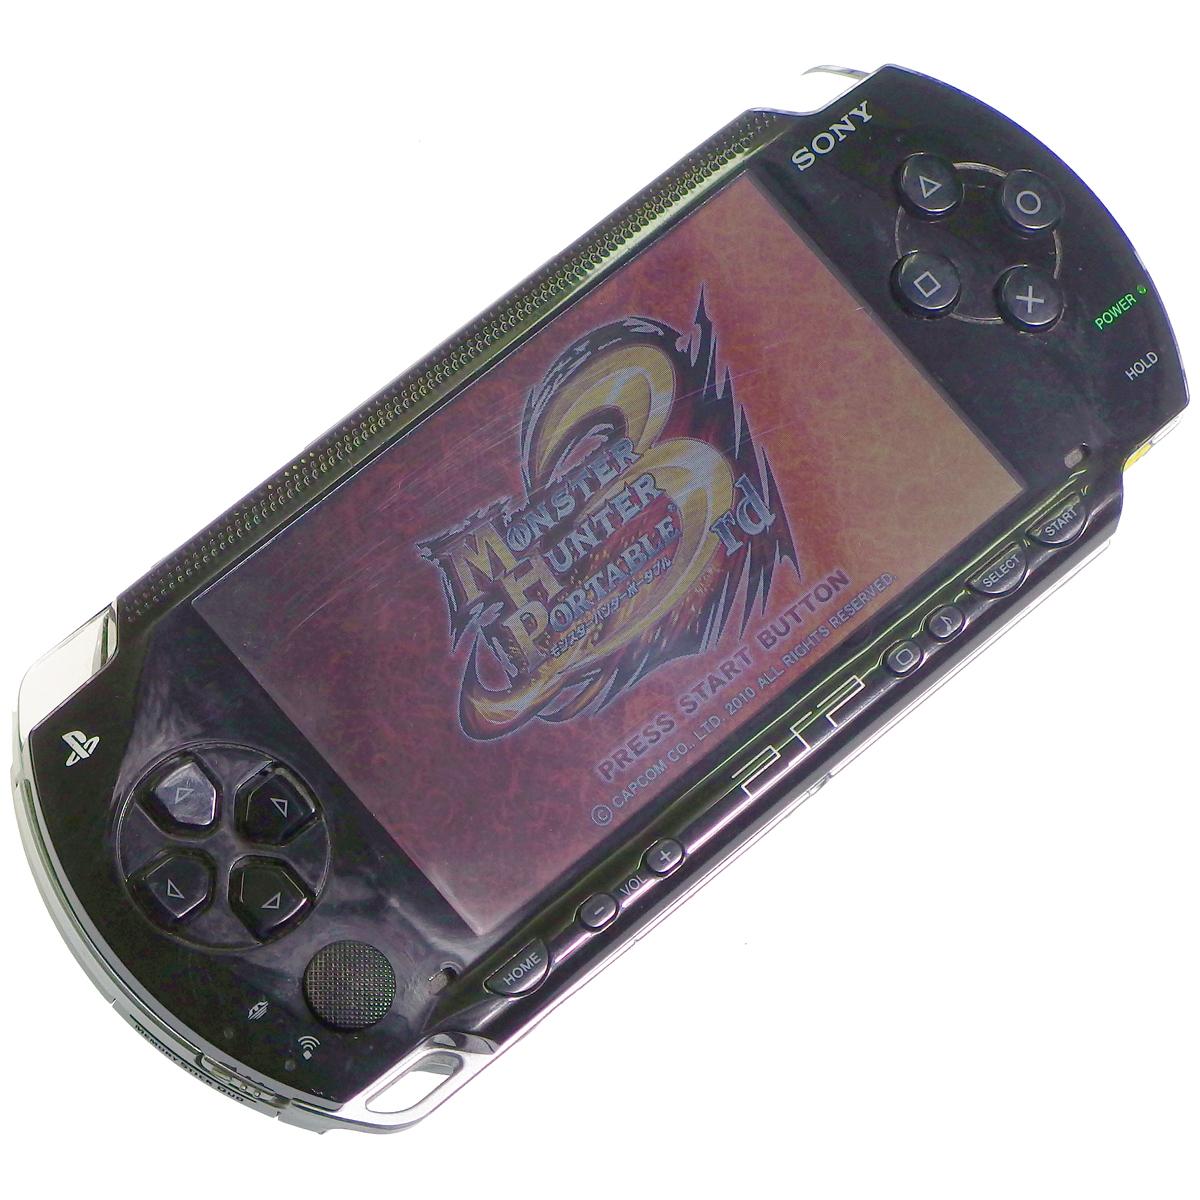 送料込! PSP-1000 本体のみ + ソフト1枚 動作確認済